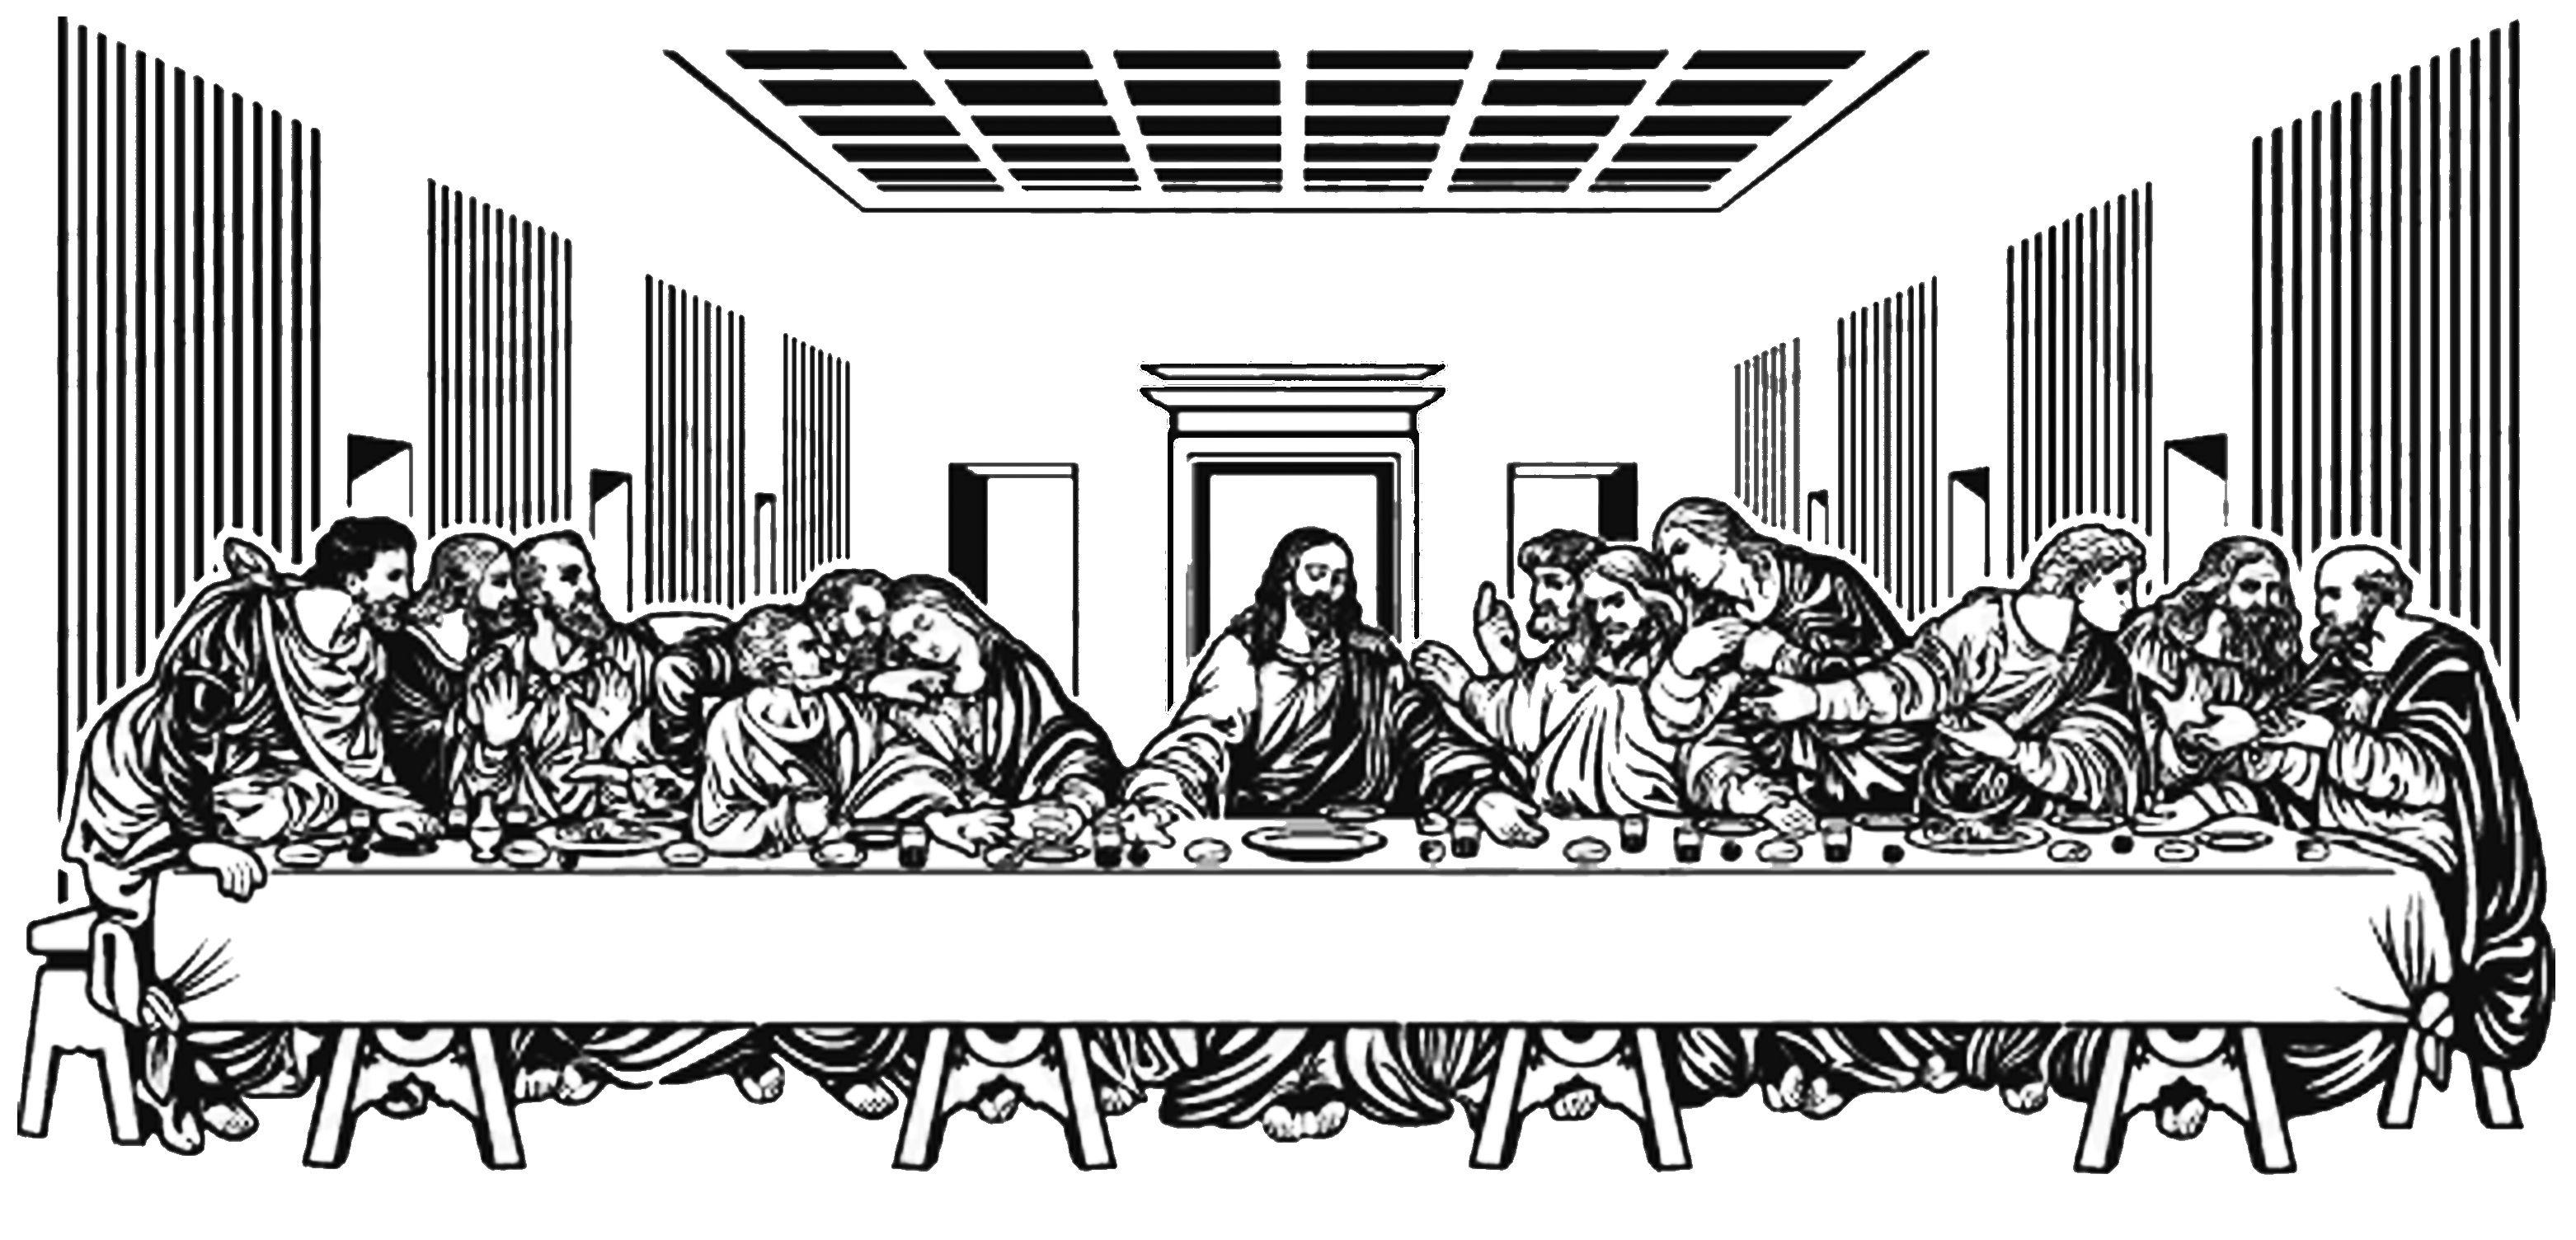 La Ultima Cena Leonardo Da Vinci Com Imagens Pintura Preto E